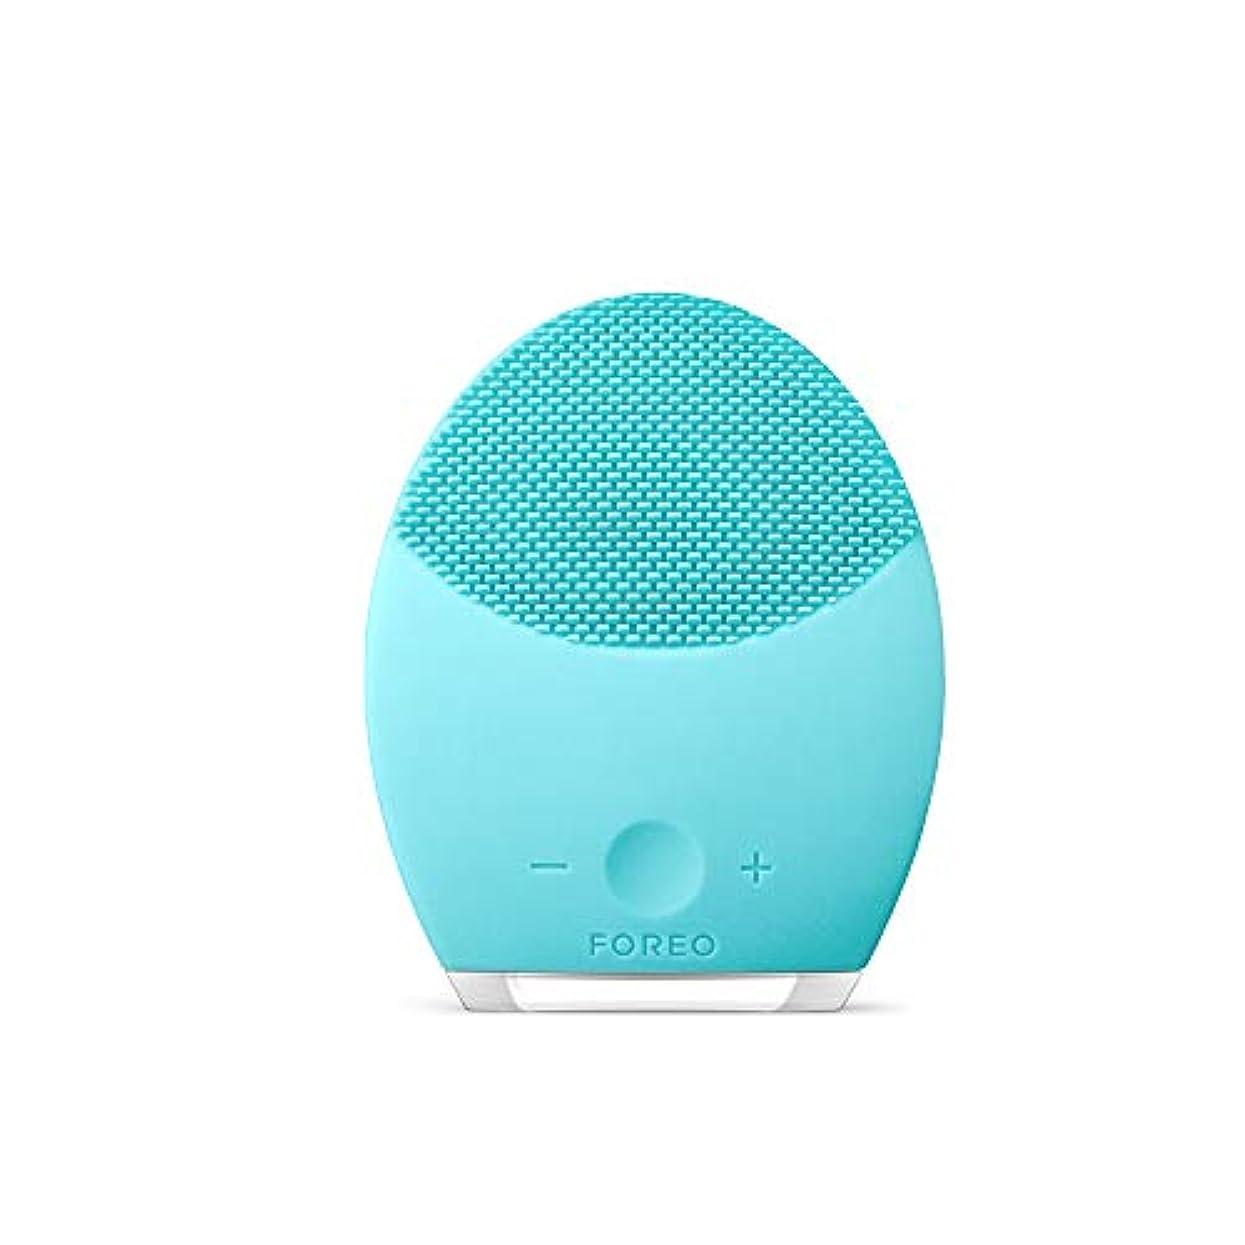 慎重に火山依存するFOREO LUNA 2 for オイリースキン 電動洗顔ブラシ シリコーン製 音波振動